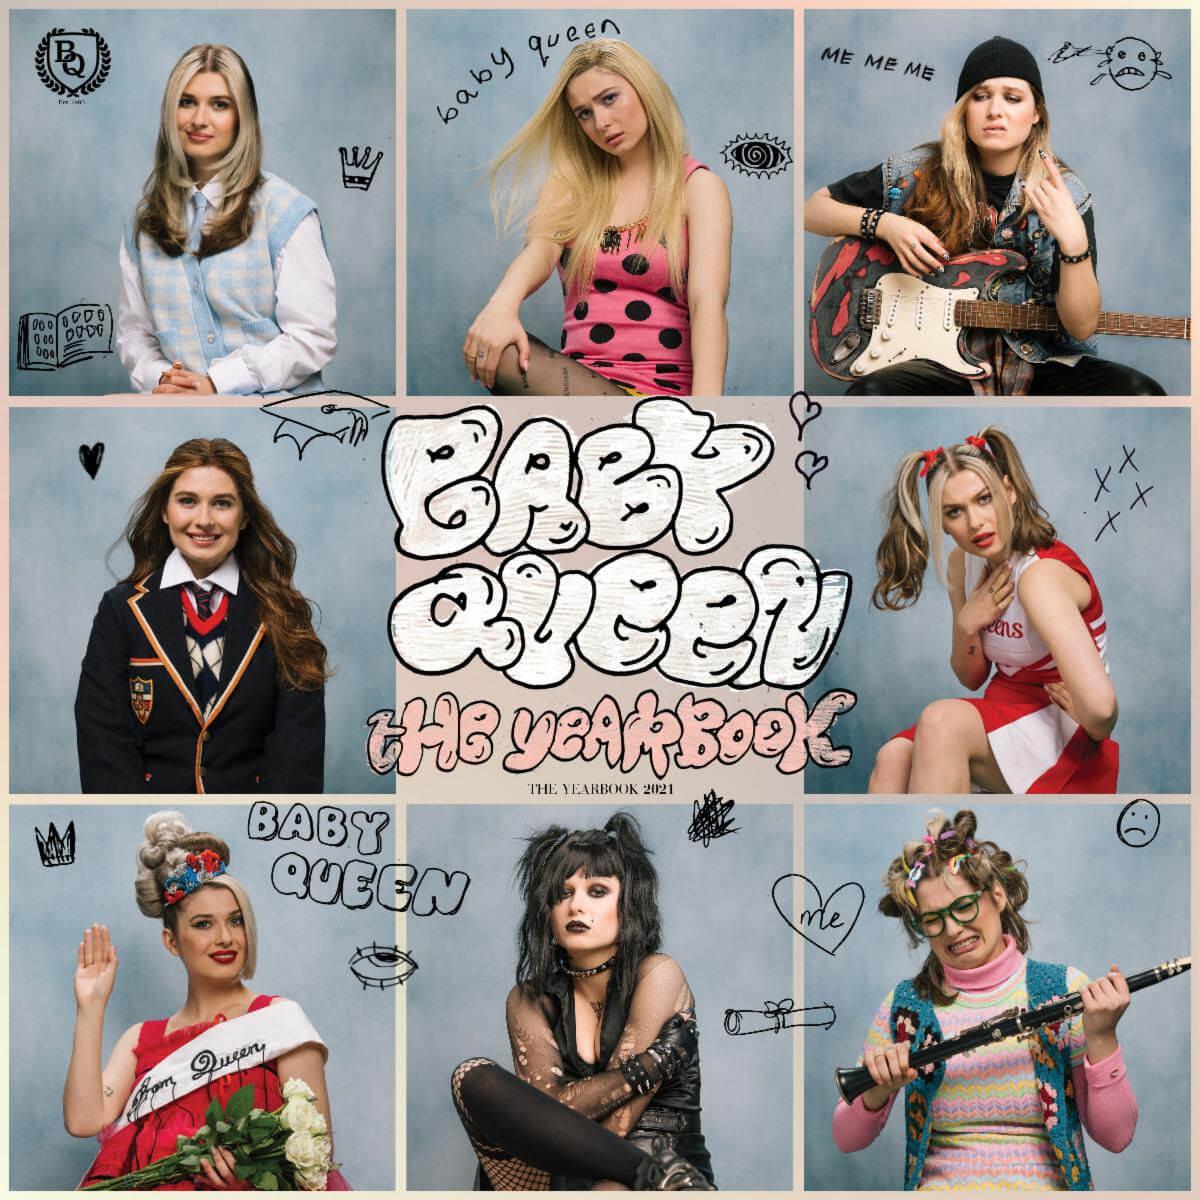 Baby Queen has released her debut mixtape The Yearbook